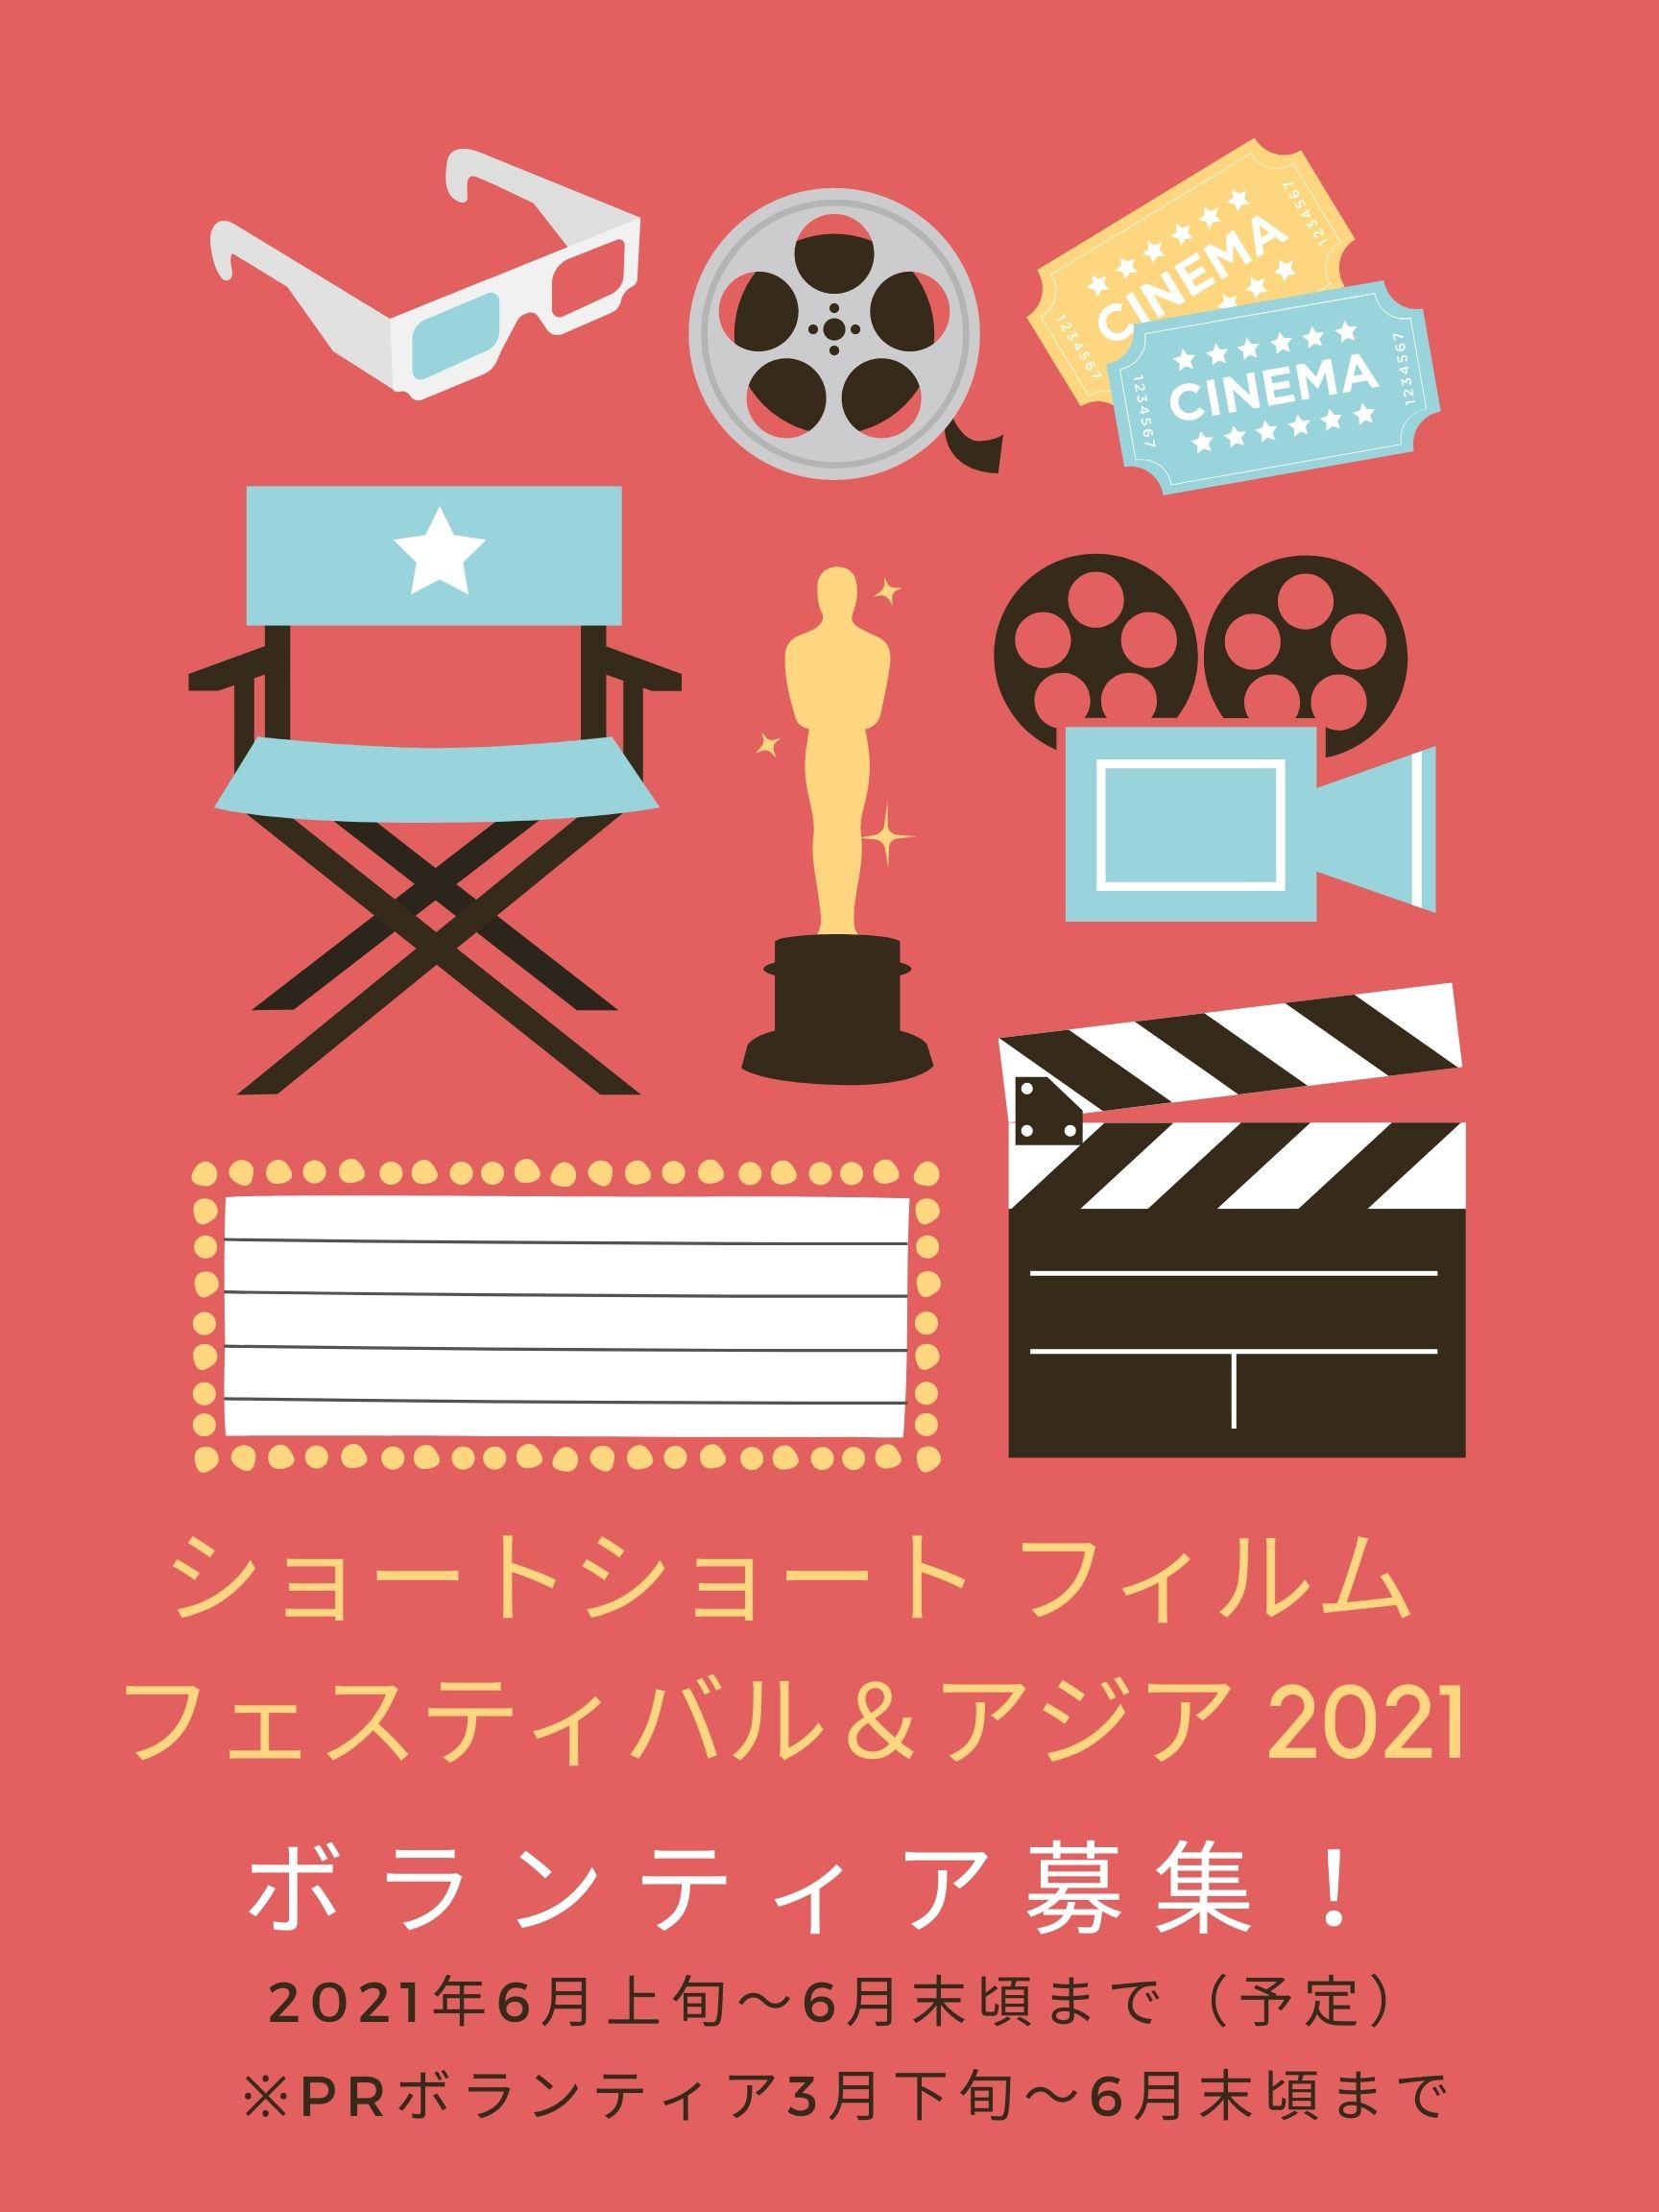 2021年アカデミー賞のショートリストにSSFF上映作品から6作品がノミネー